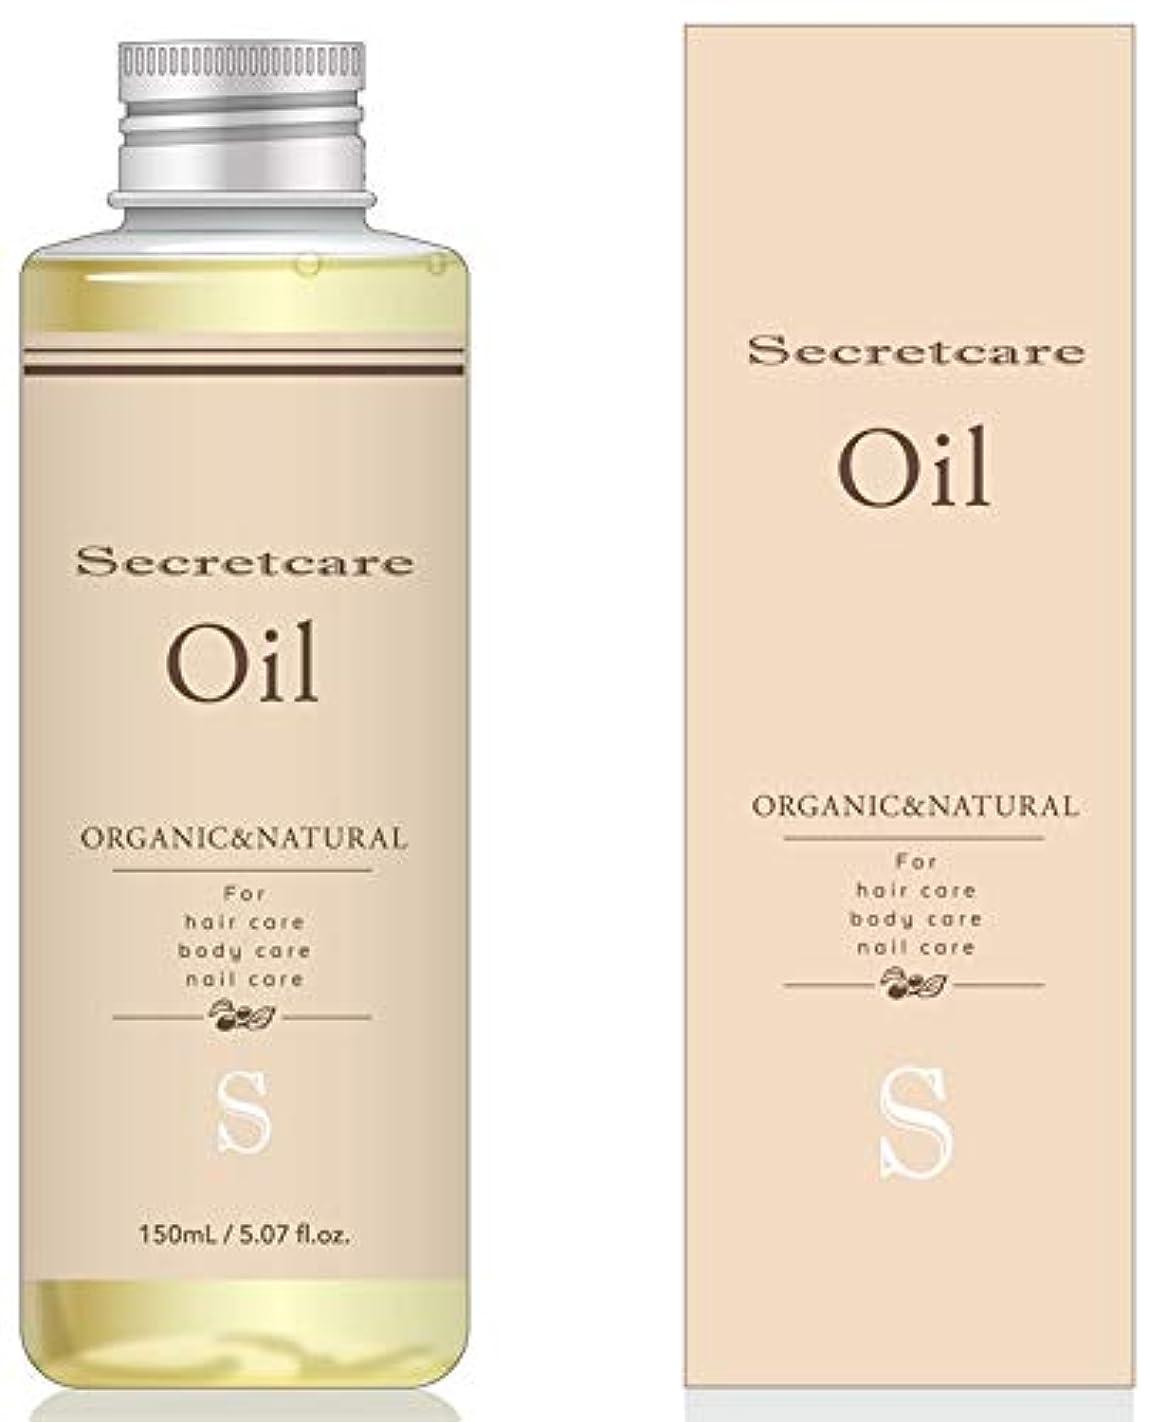 爆発物区別仮定するSecret care oil シークレットケアオイル S 150ml アロマティックガーデンの香り